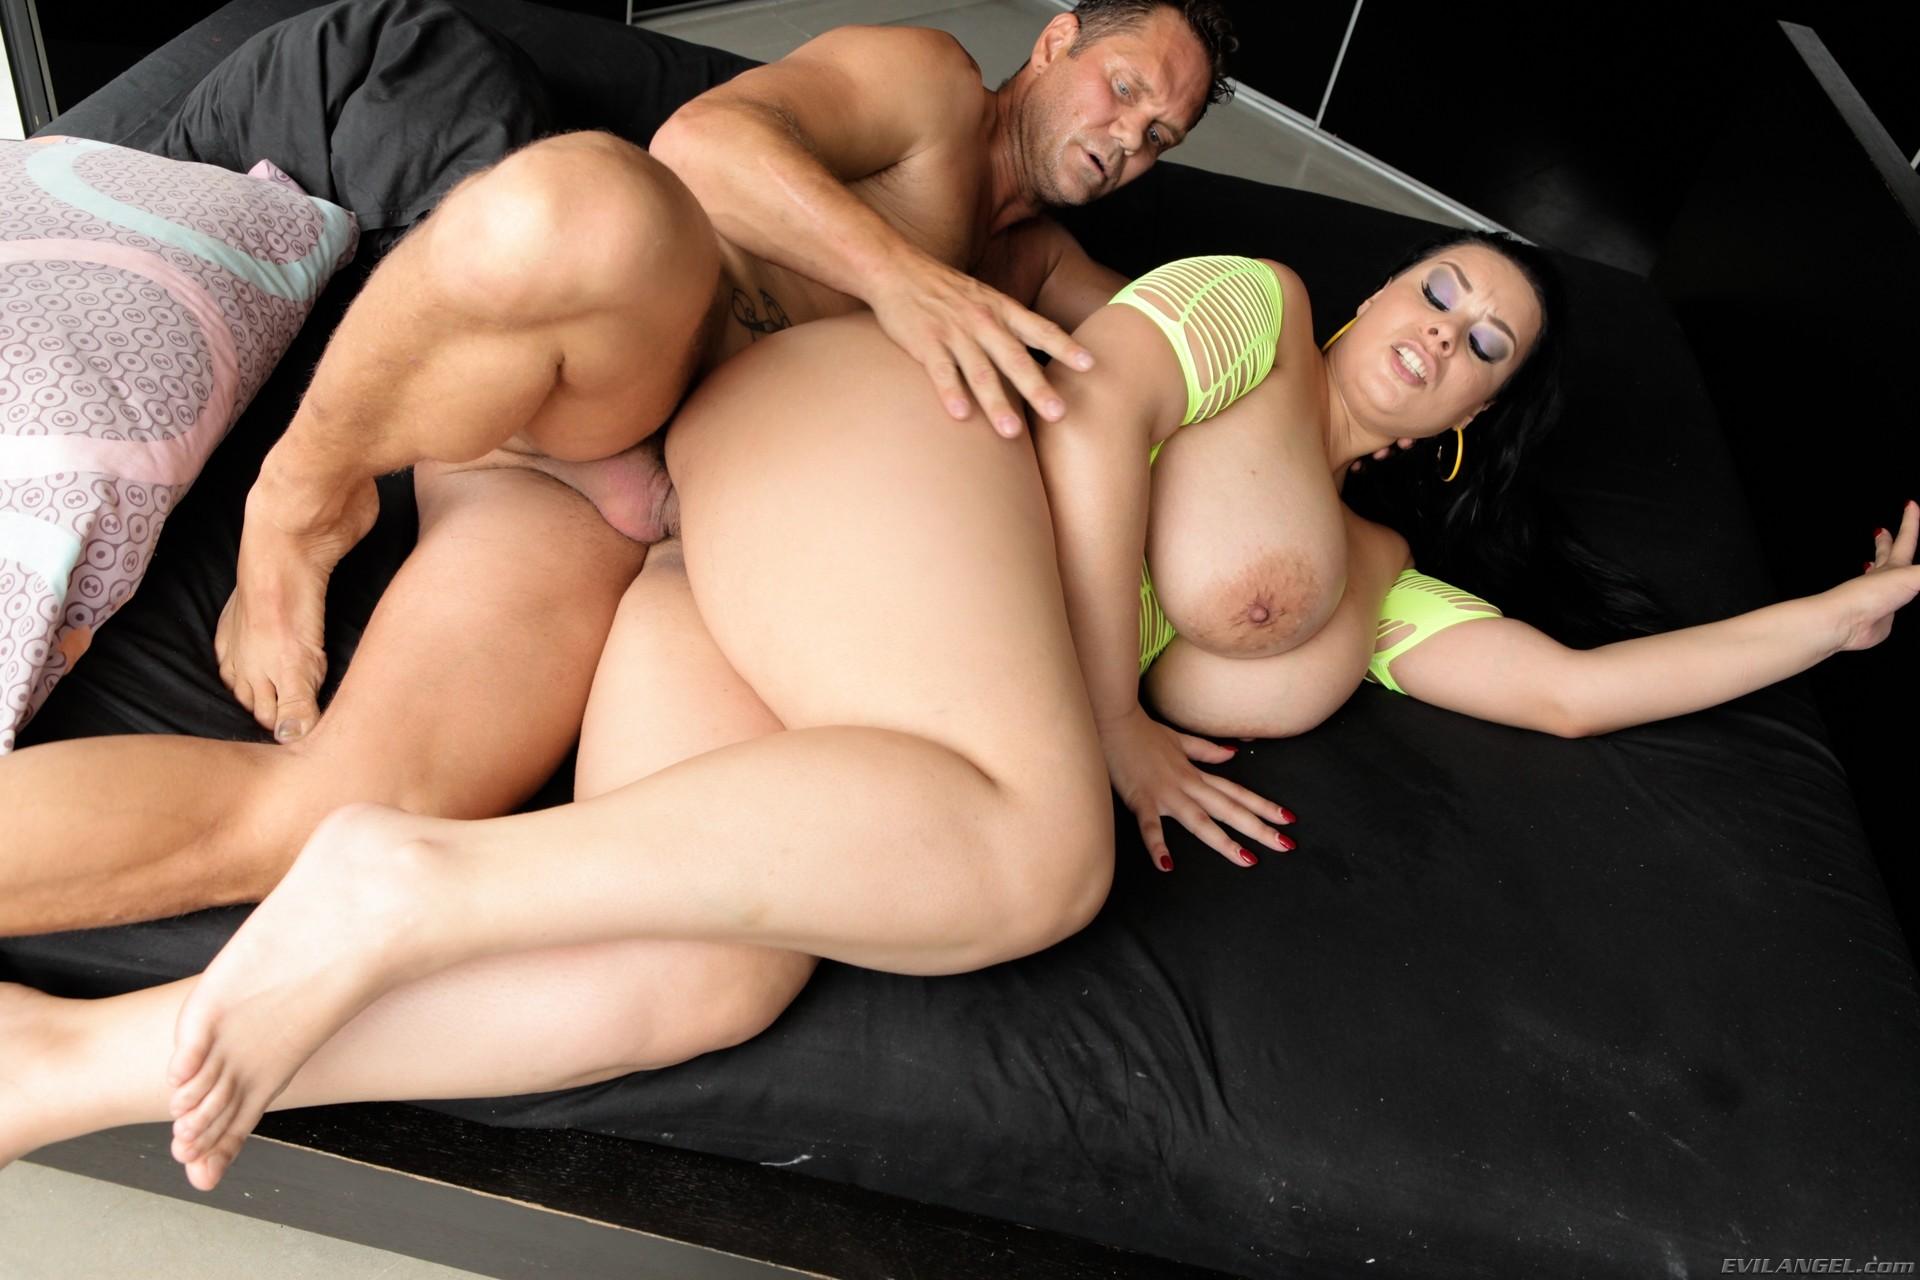 невероятно страстный секс с грудастой шлюхой еще